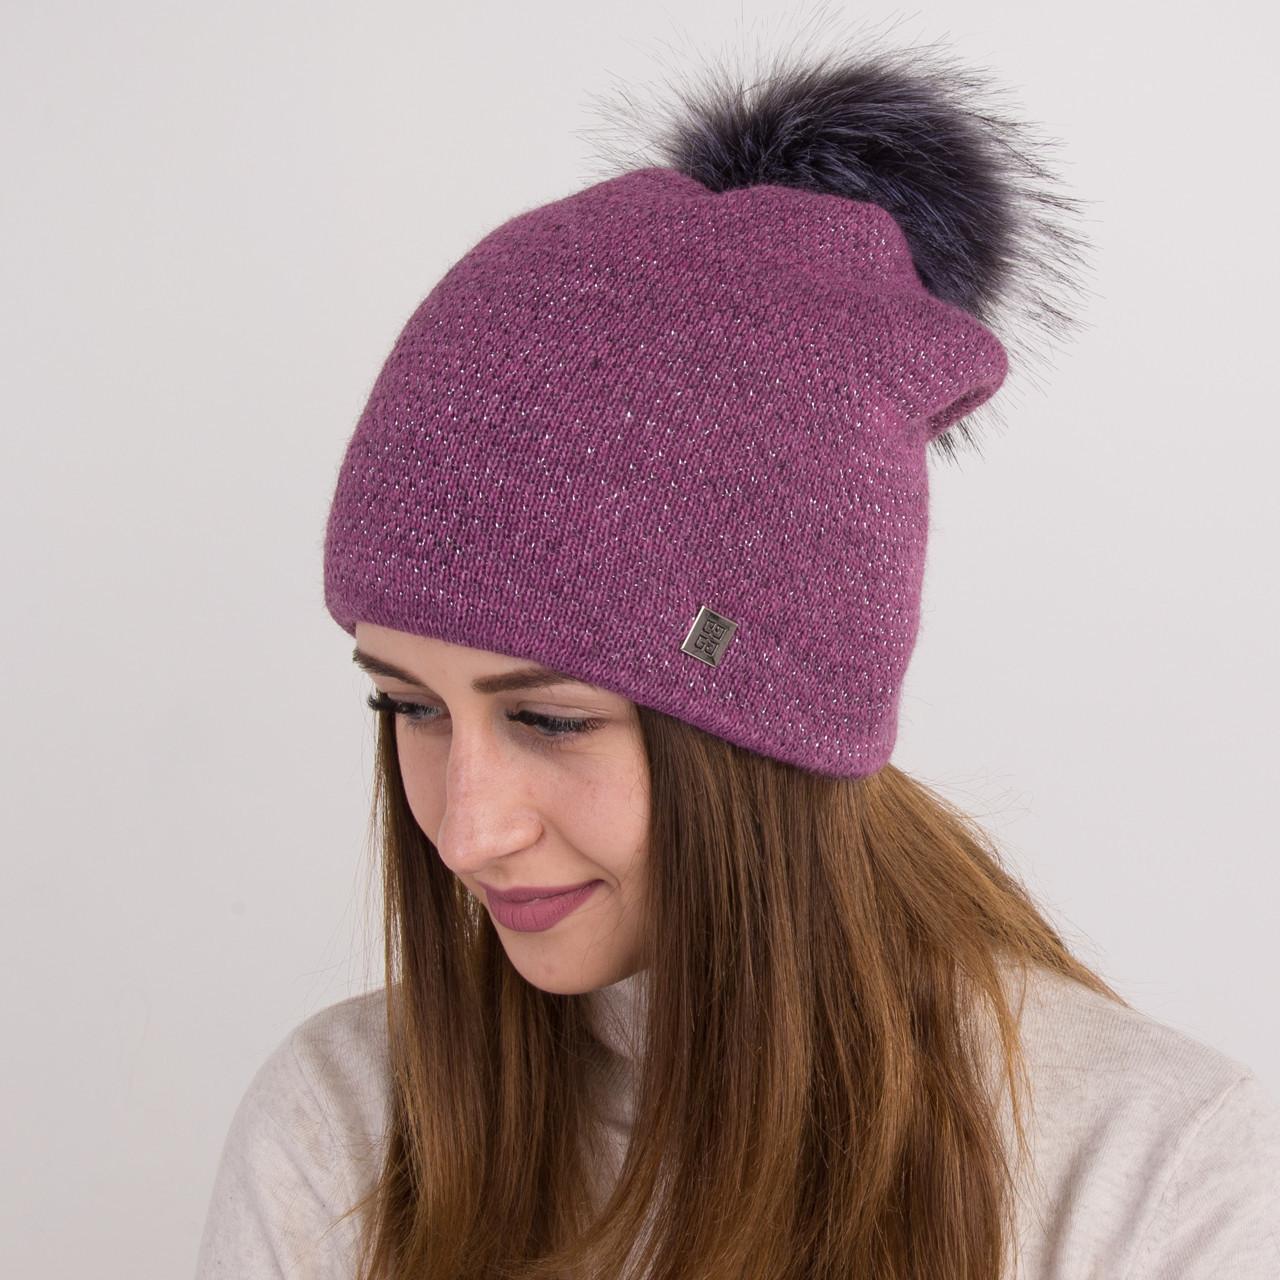 Вязанная шапка с меховым помпоном для женщин - зима 2018 - Арт 2166 (фиолет)